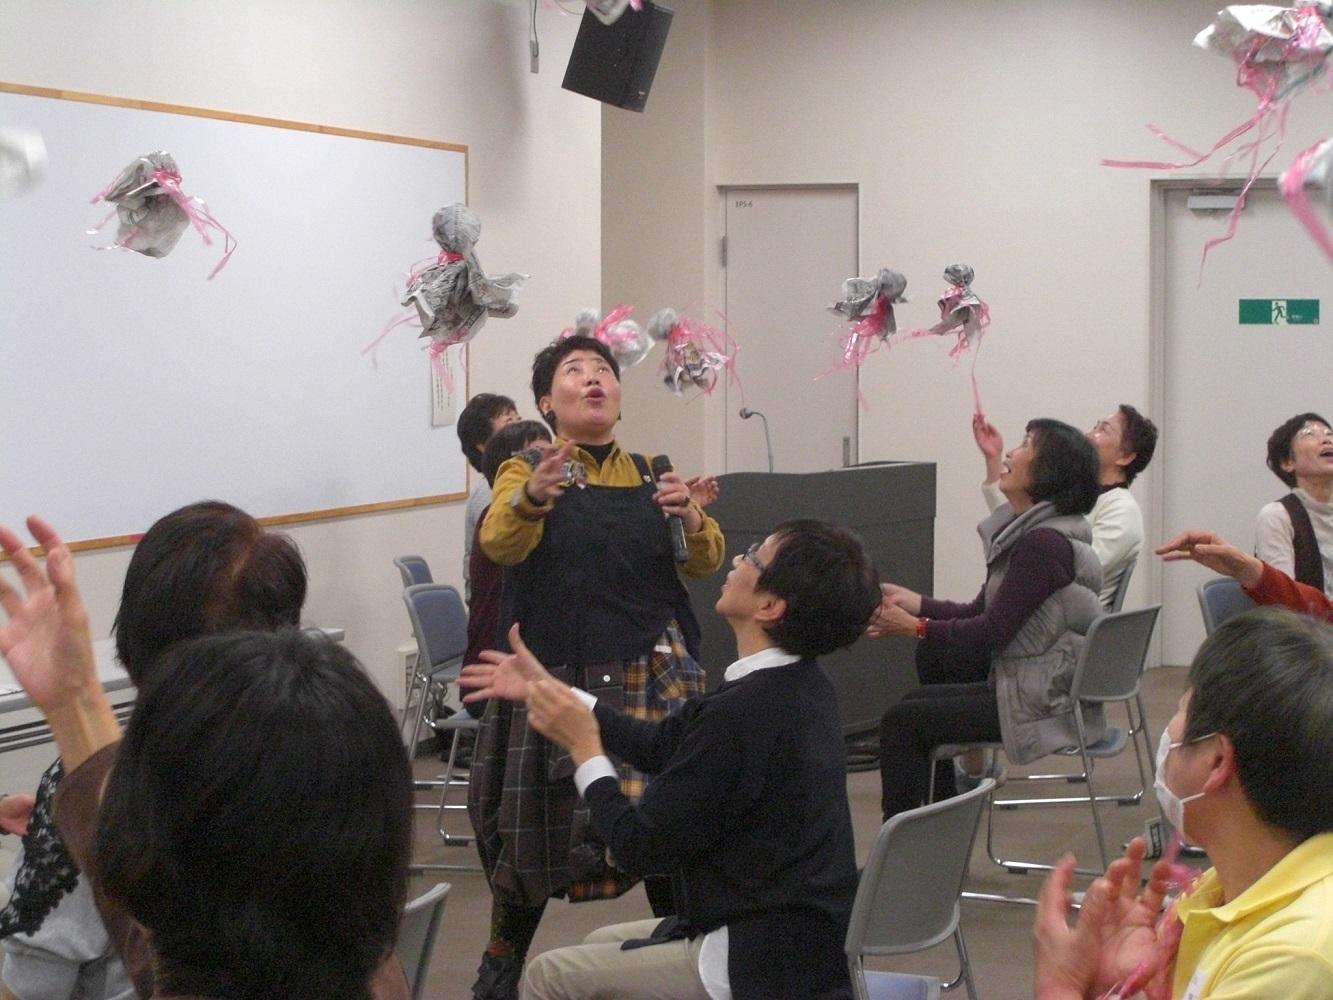 平成30年度第4回フォローアップ研修会「簡単・楽しい遊び講座」を開催しました